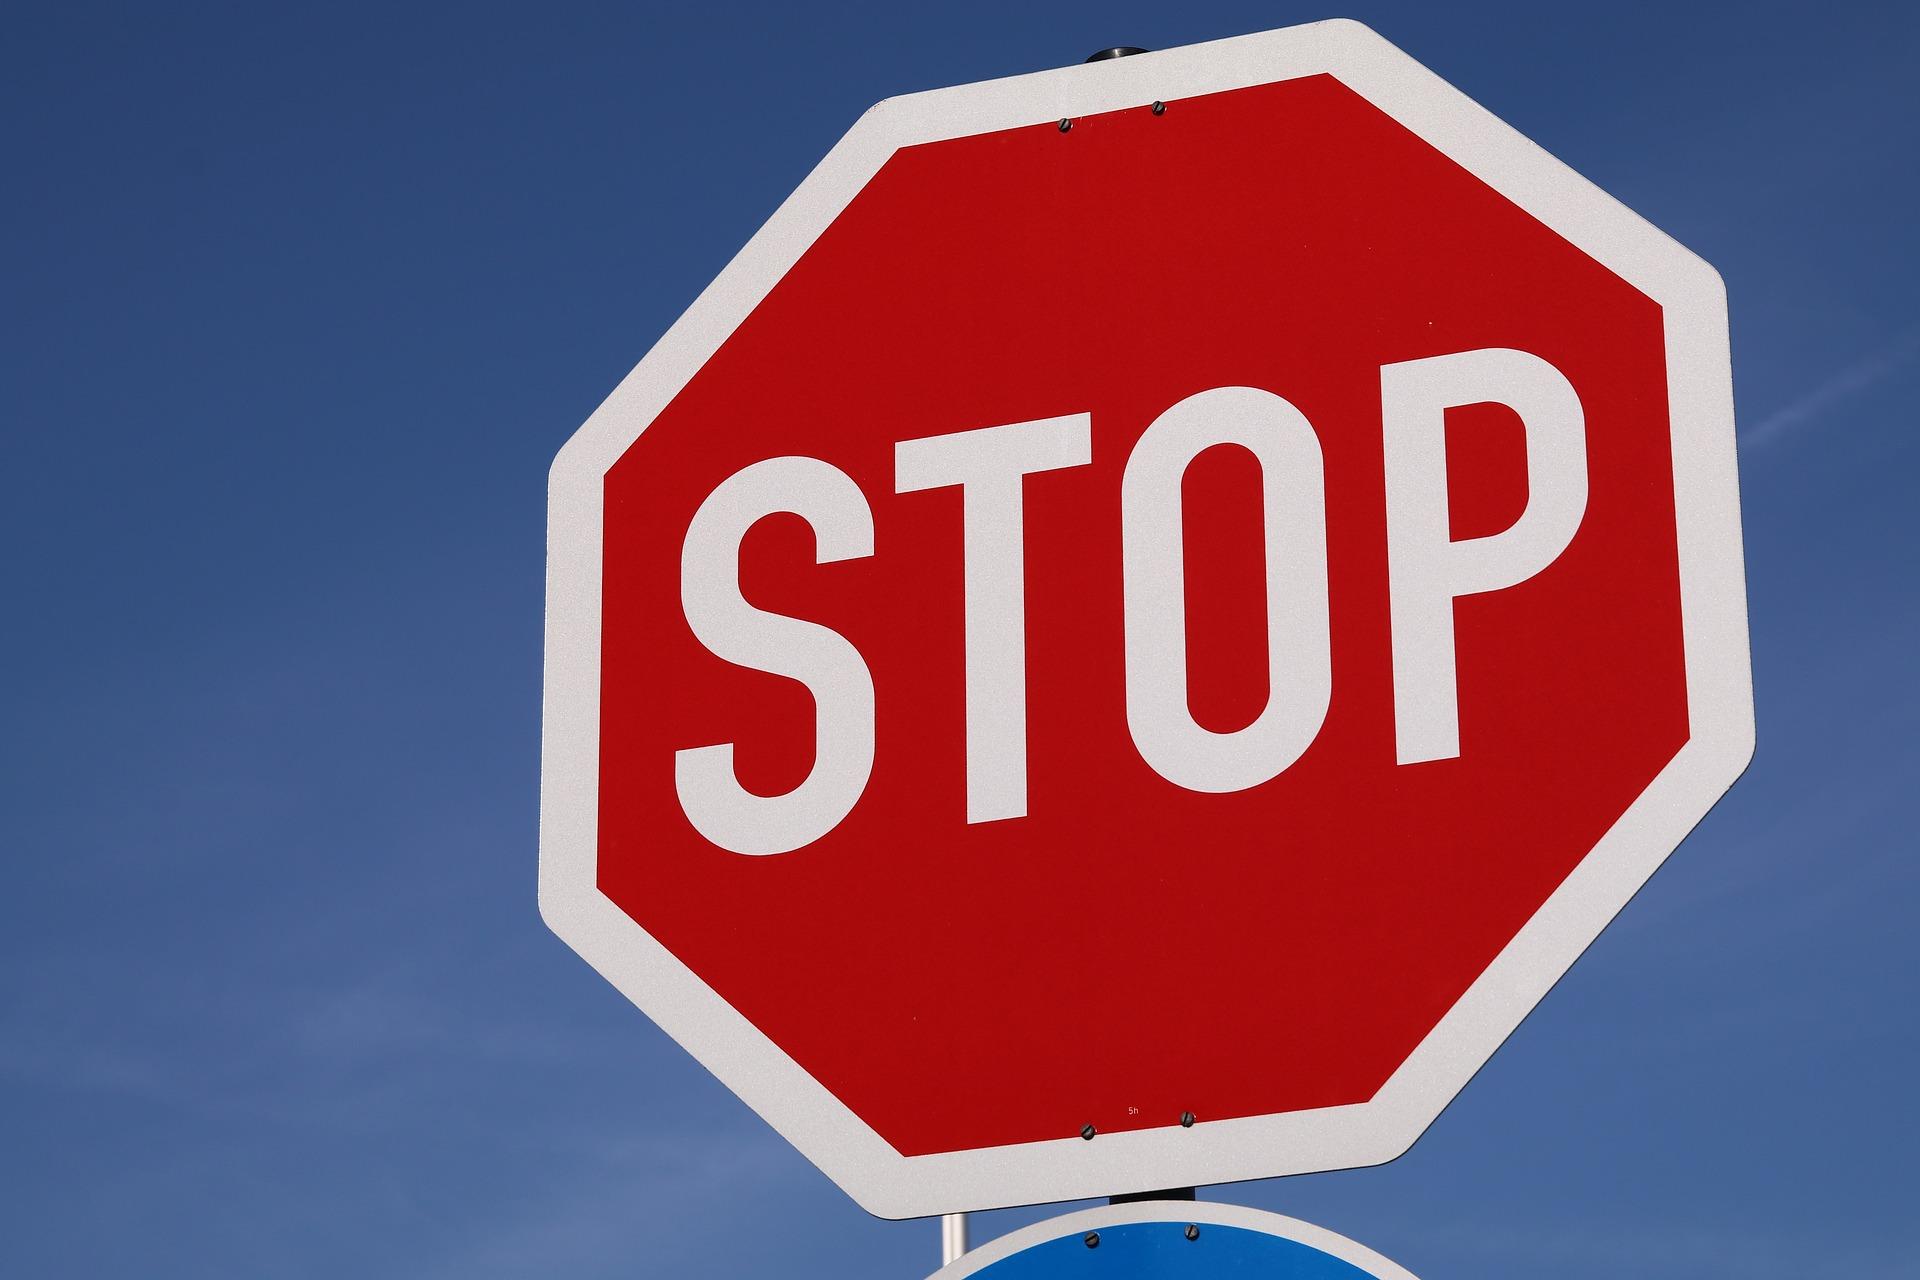 Lustiger Führerscheintest: 15 Fragen zum Thema Verhalten im Straßenverkehr